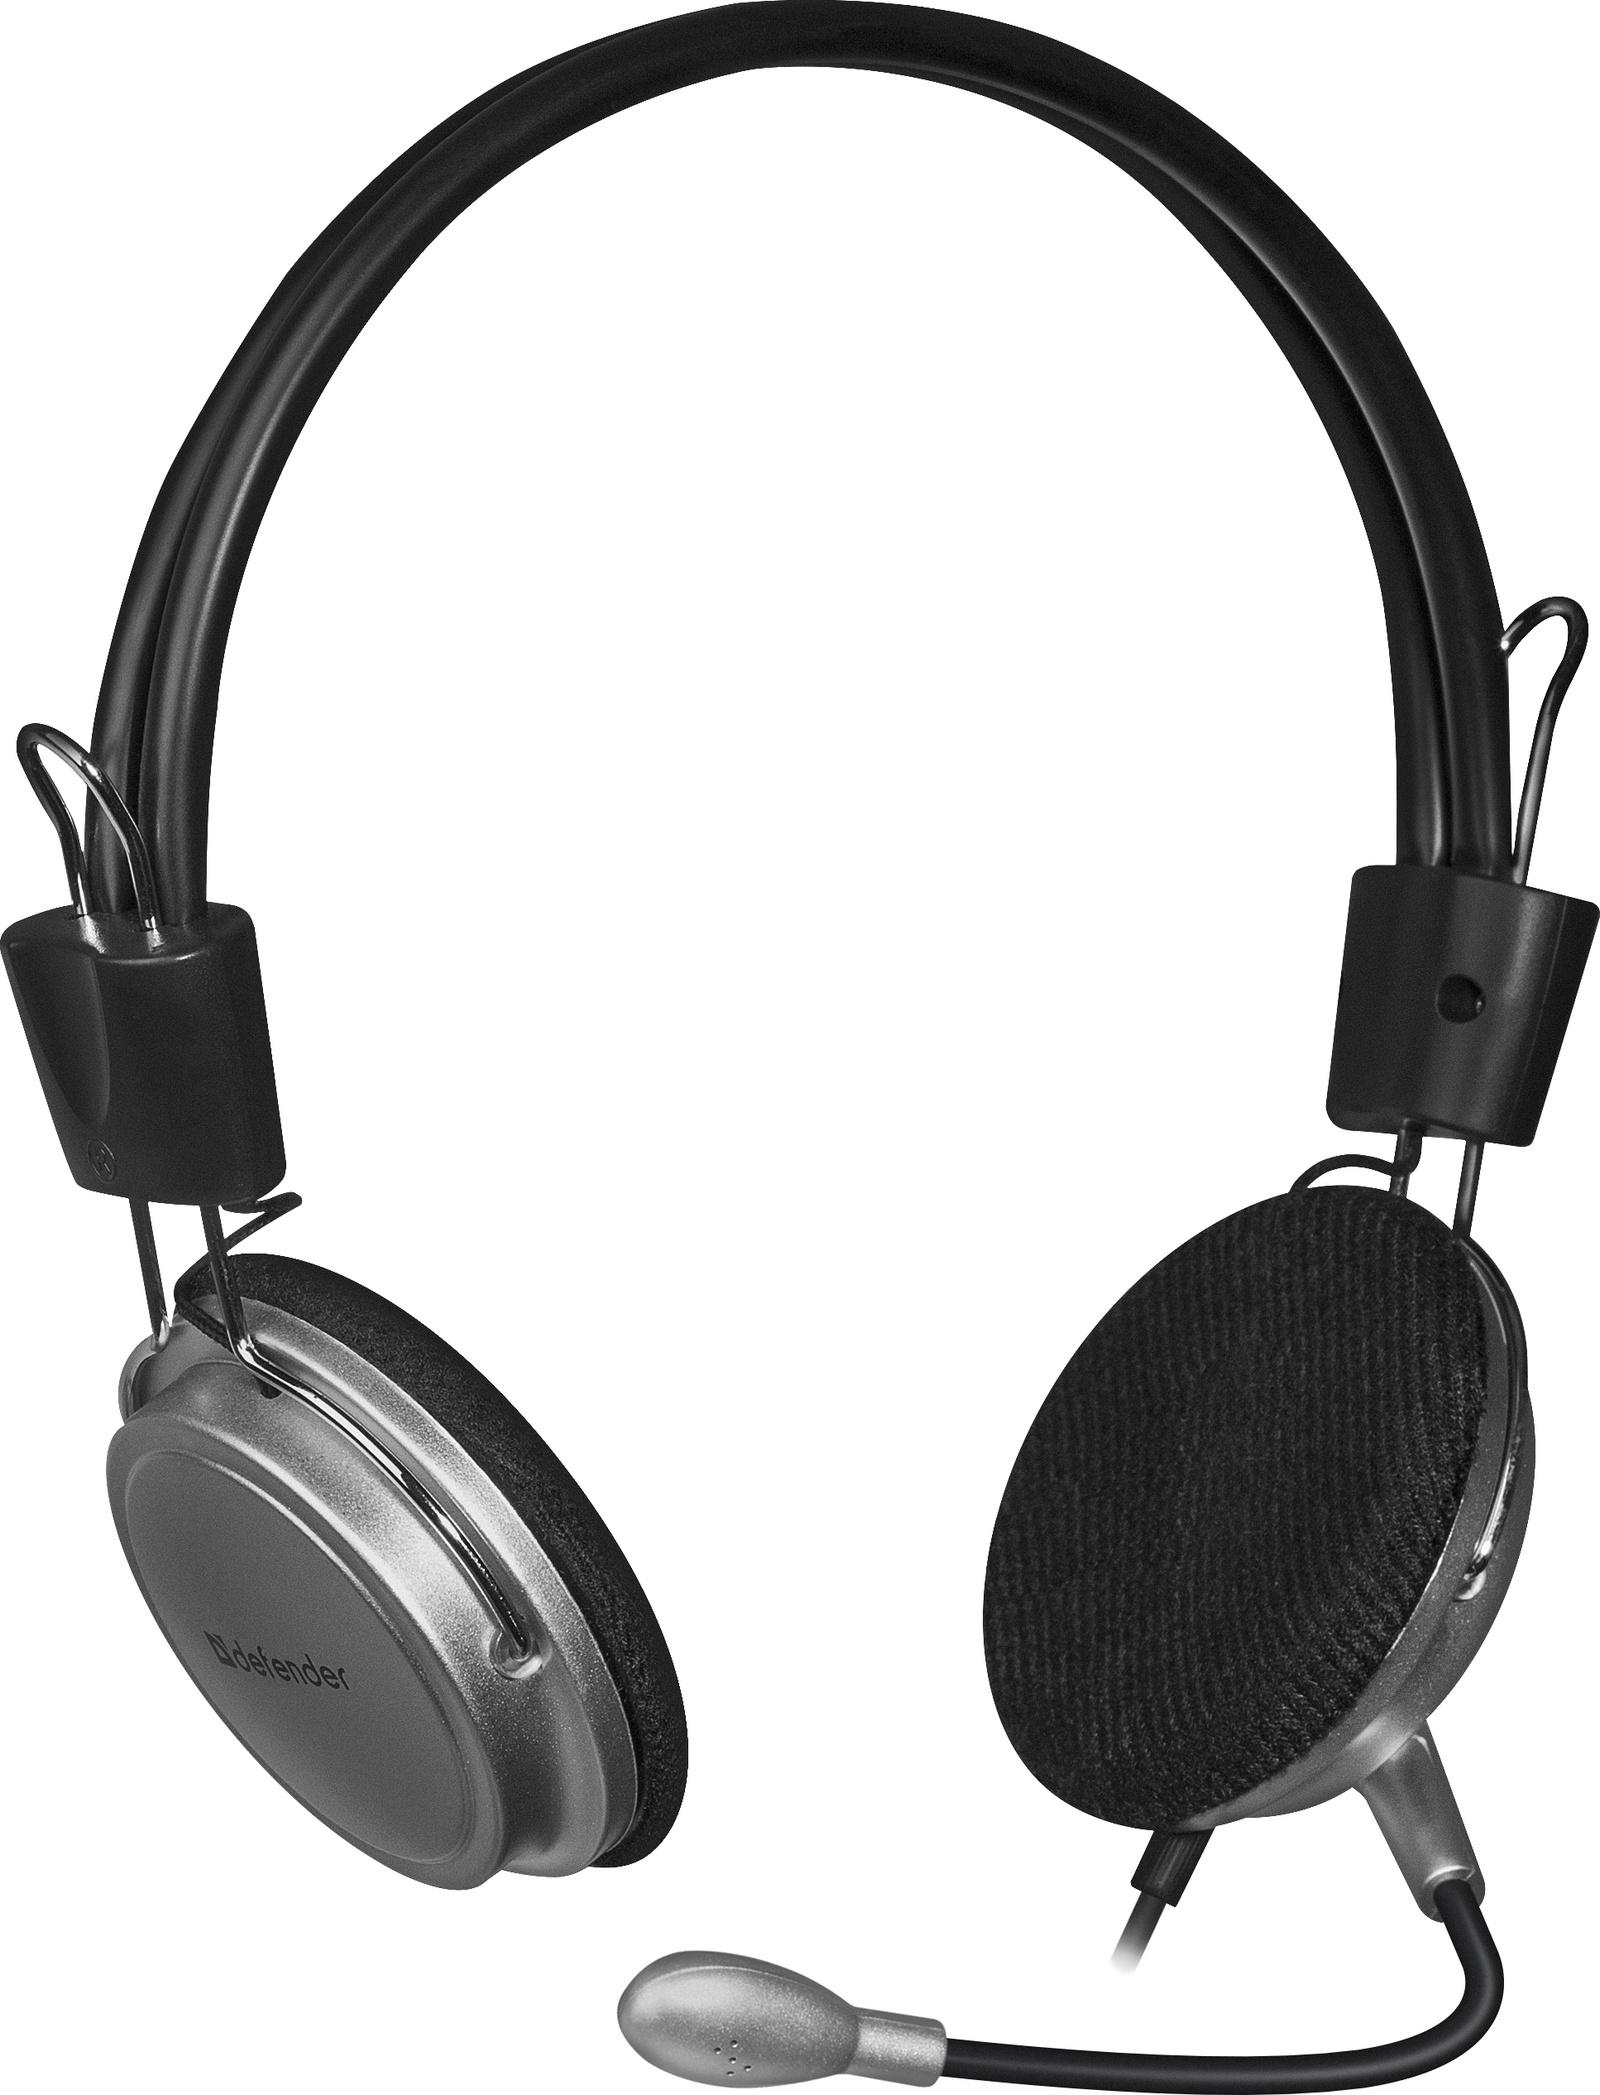 Компьютерная гарнитура Defender Aura 120, 63120, черный цена